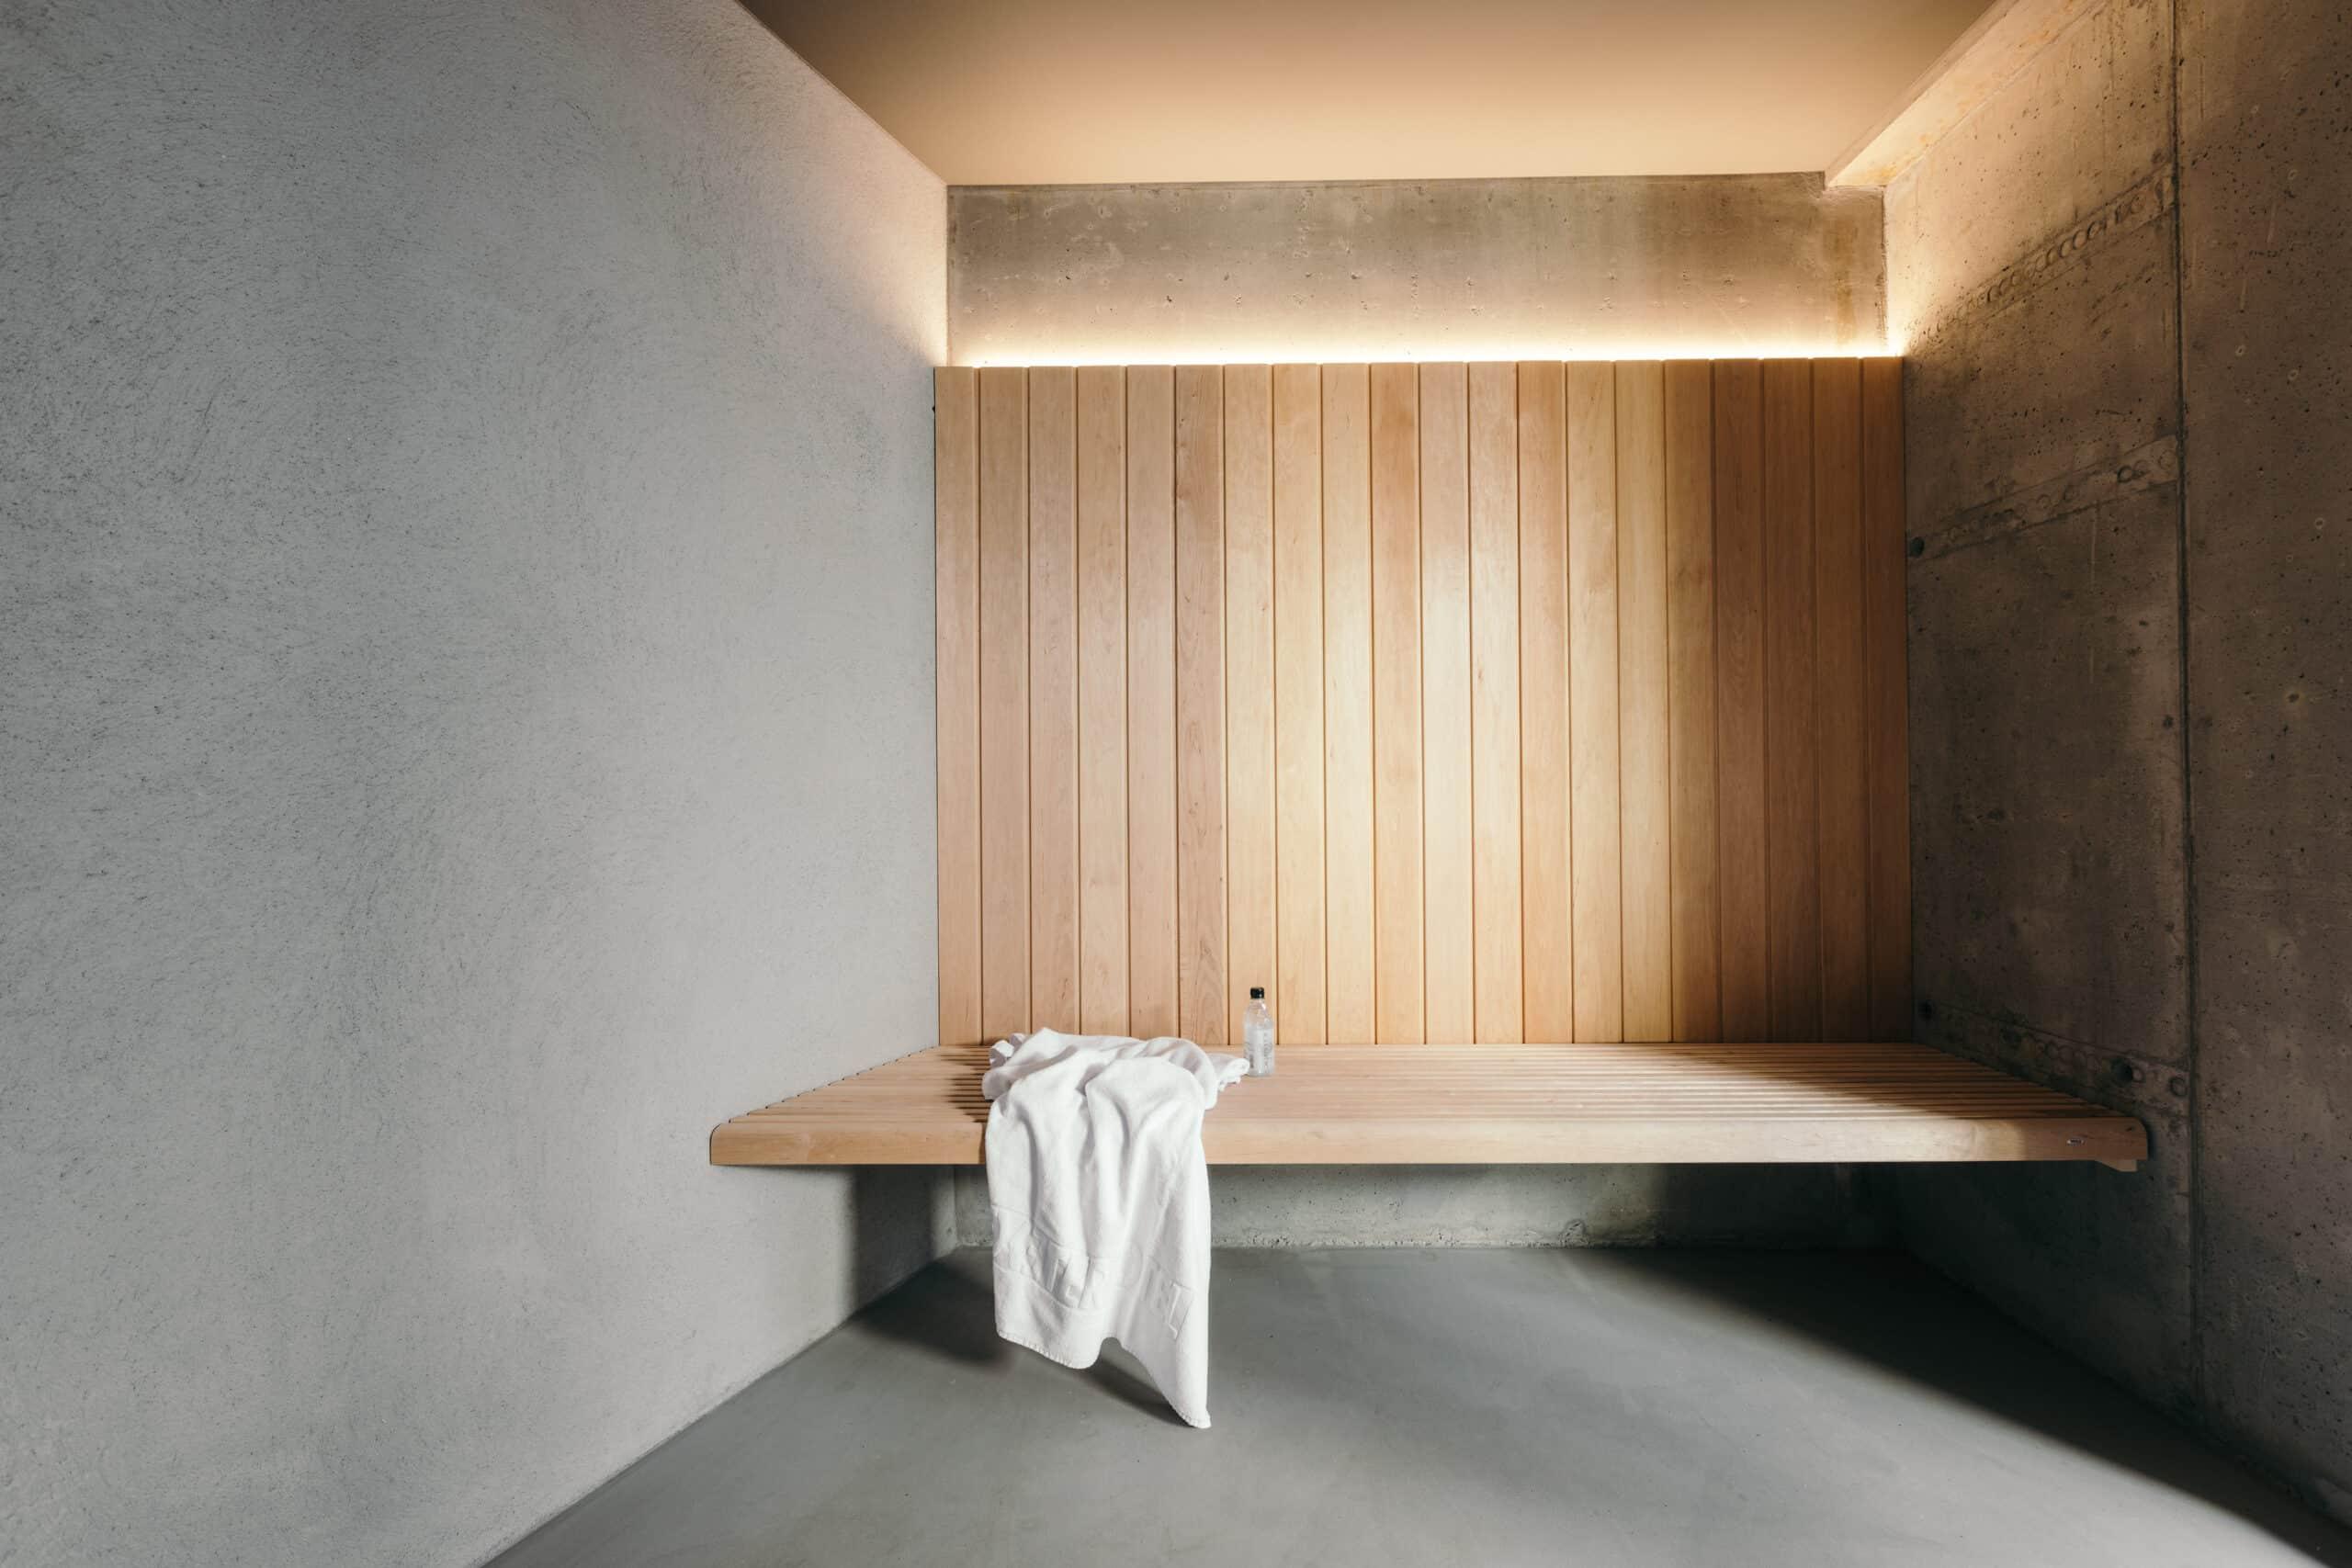 exeter_sauna_7